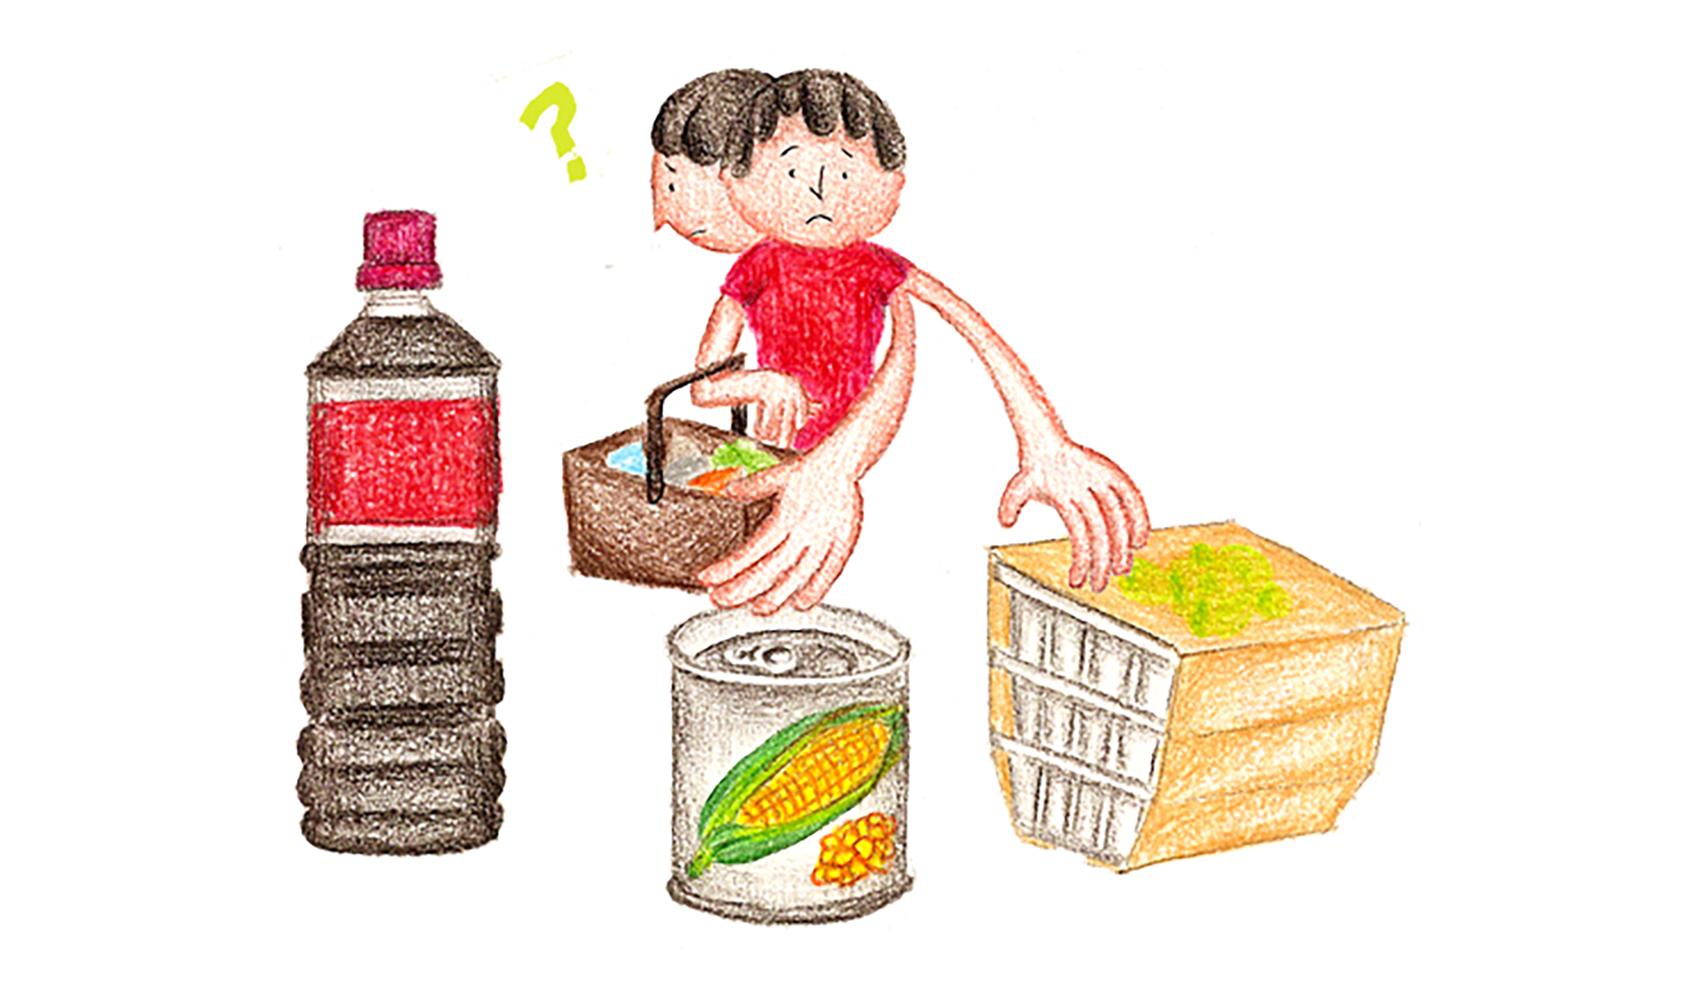 遺伝子組み換え食品は危険なのですか?